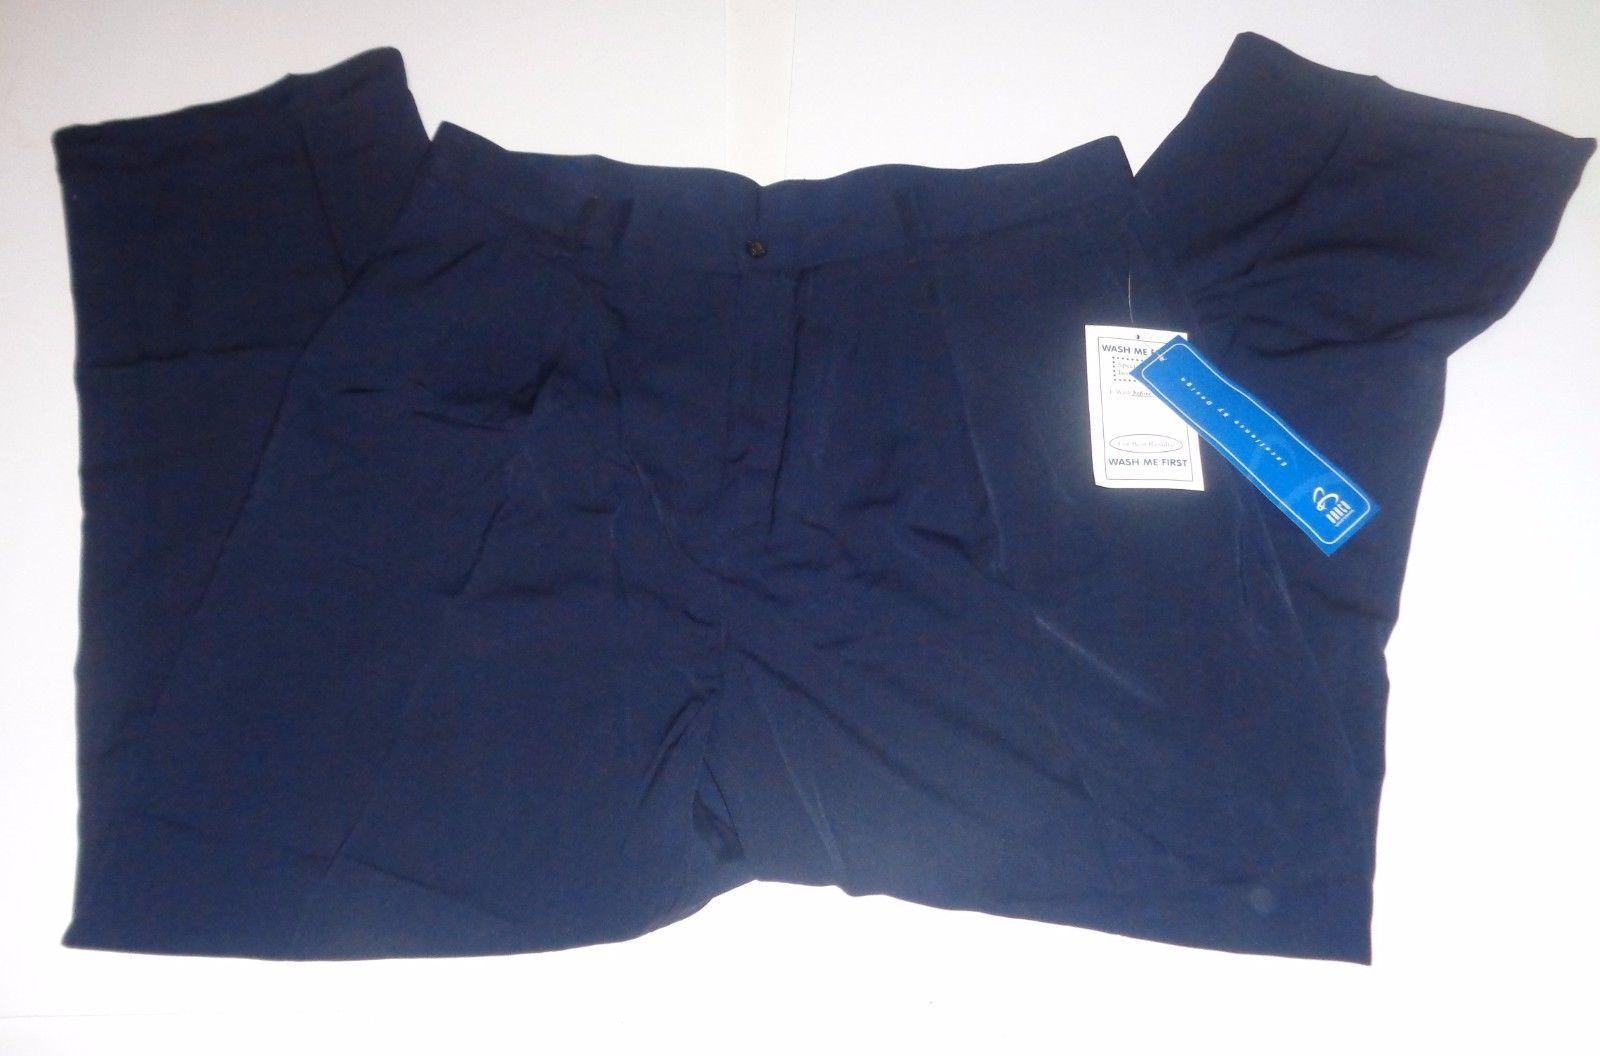 Barco Men's Uniform Navy Blue Work Slacks Pants NWT Sz 40